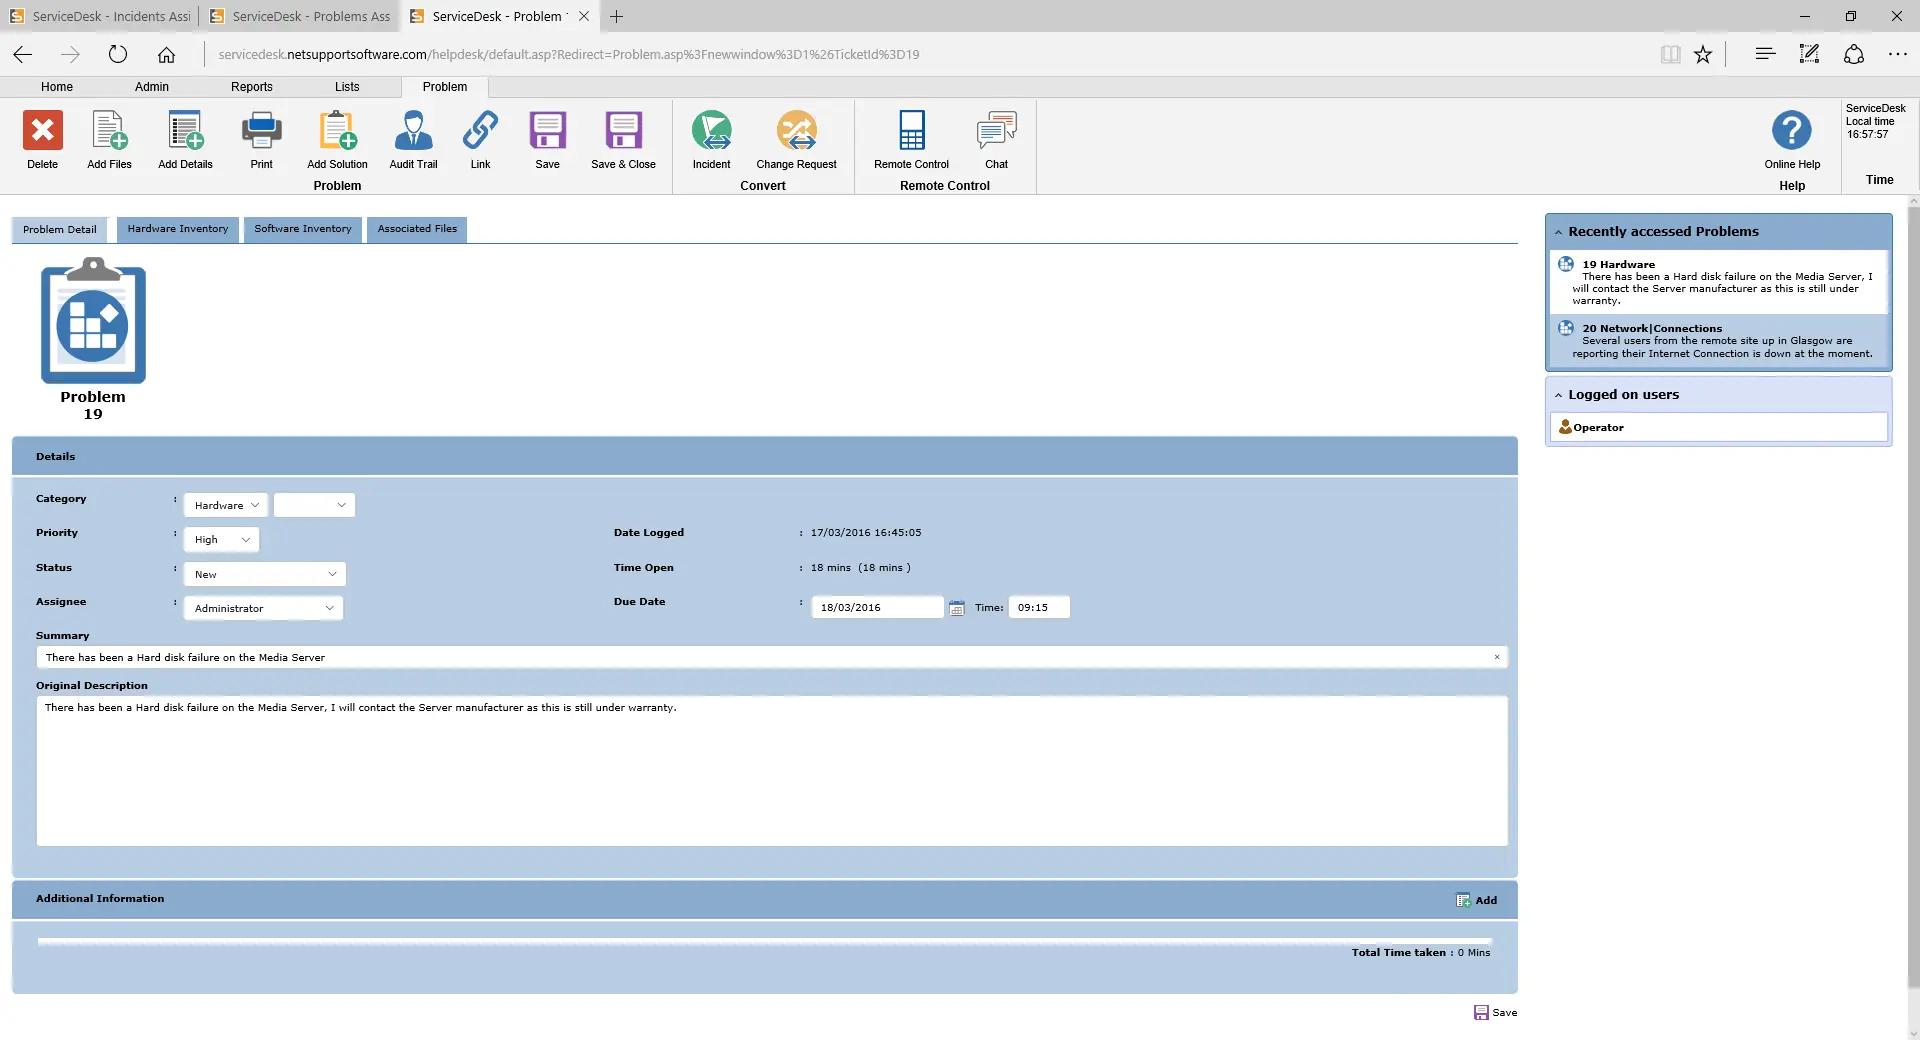 NetSupport ServiceDesk - Problem Management view